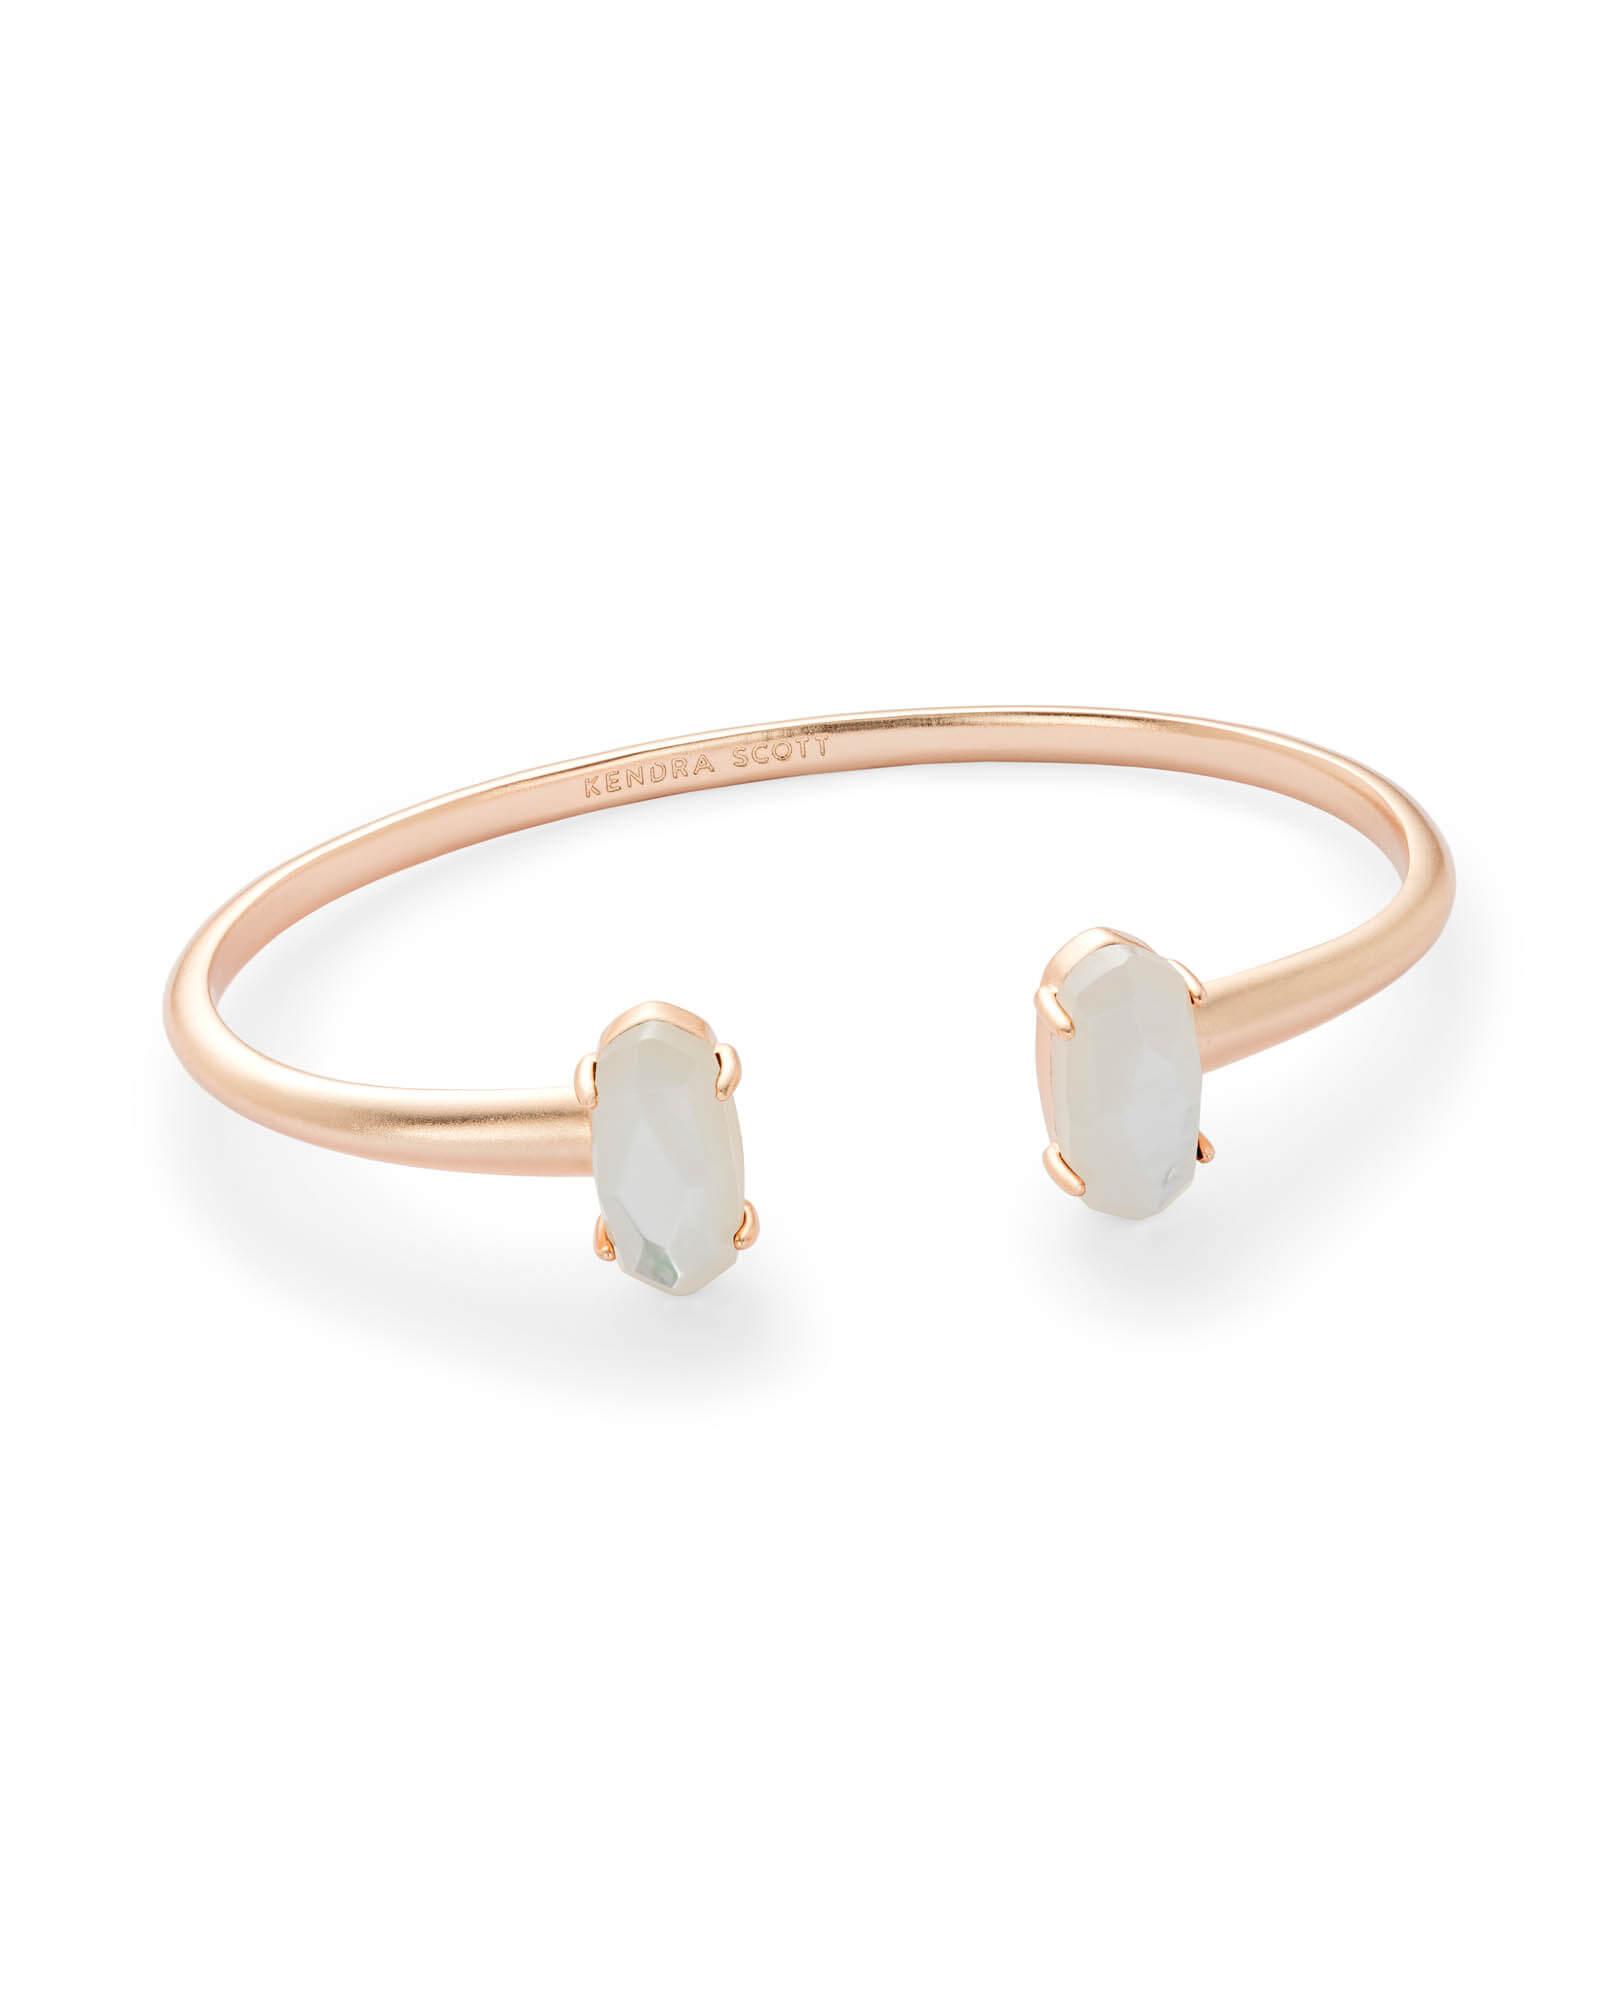 E Rose Gold Cuff Bracelet In Ivory Pearl